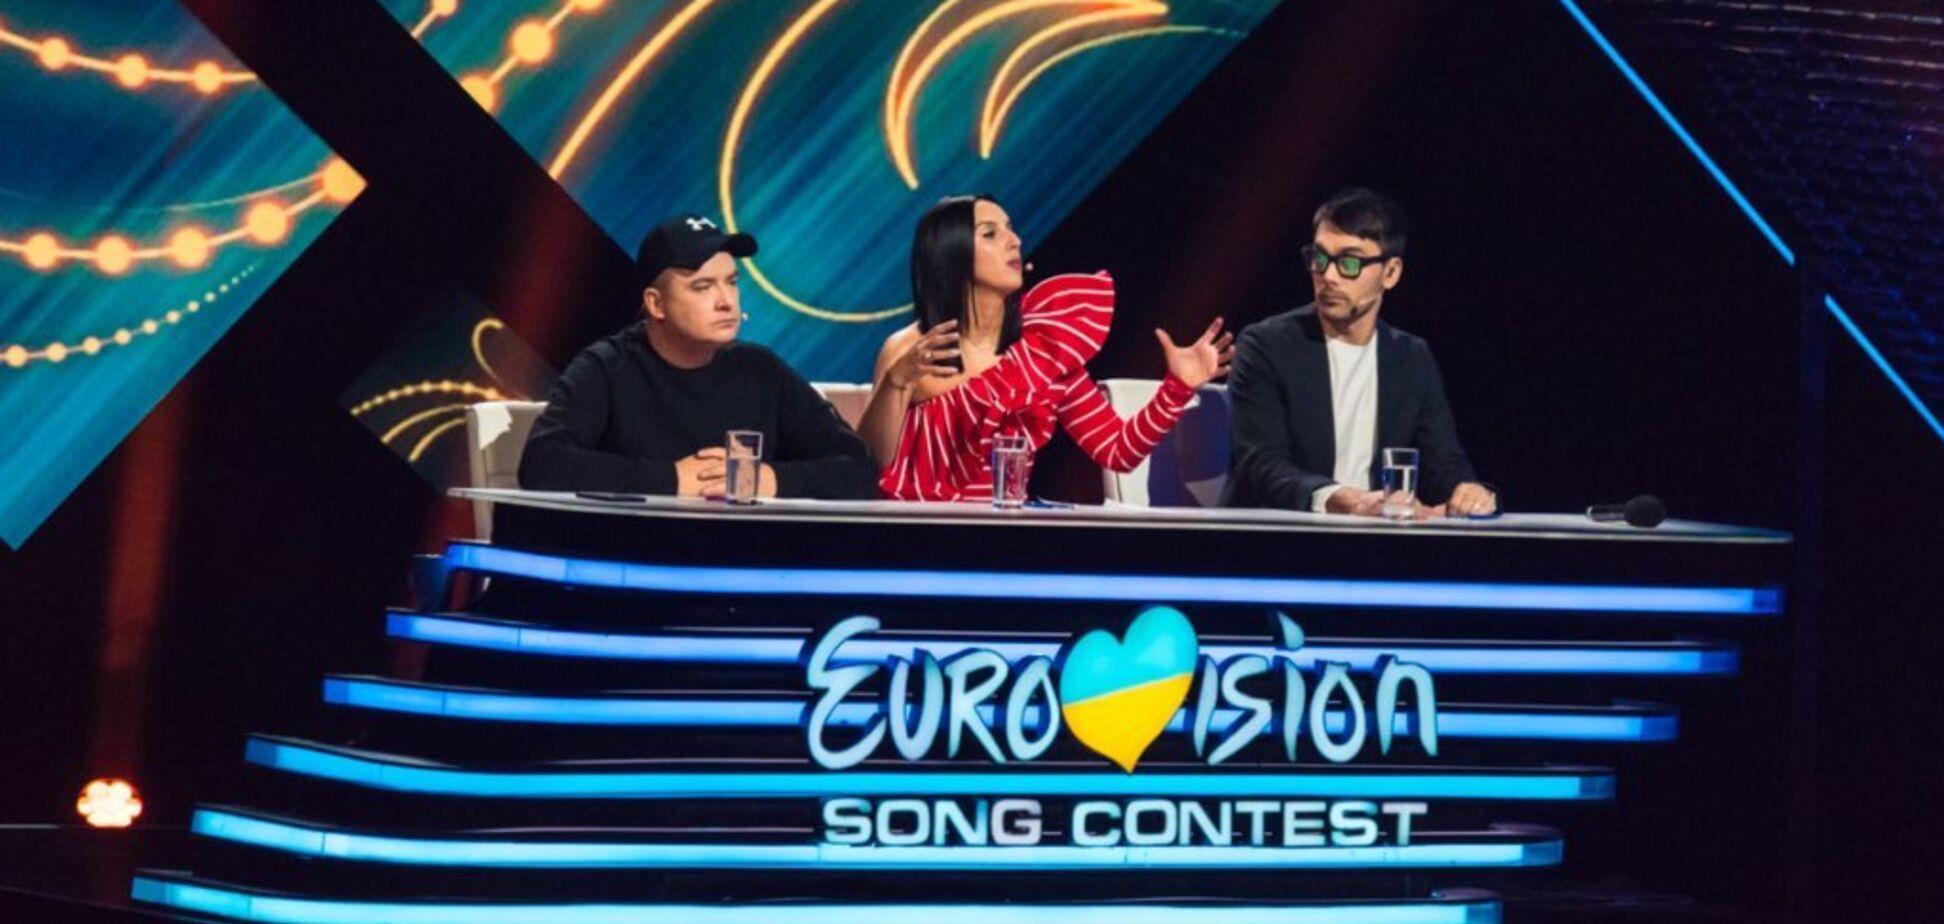 Що не так з Нацвідбором на Євробачення: байки в стилі Ані Лорак